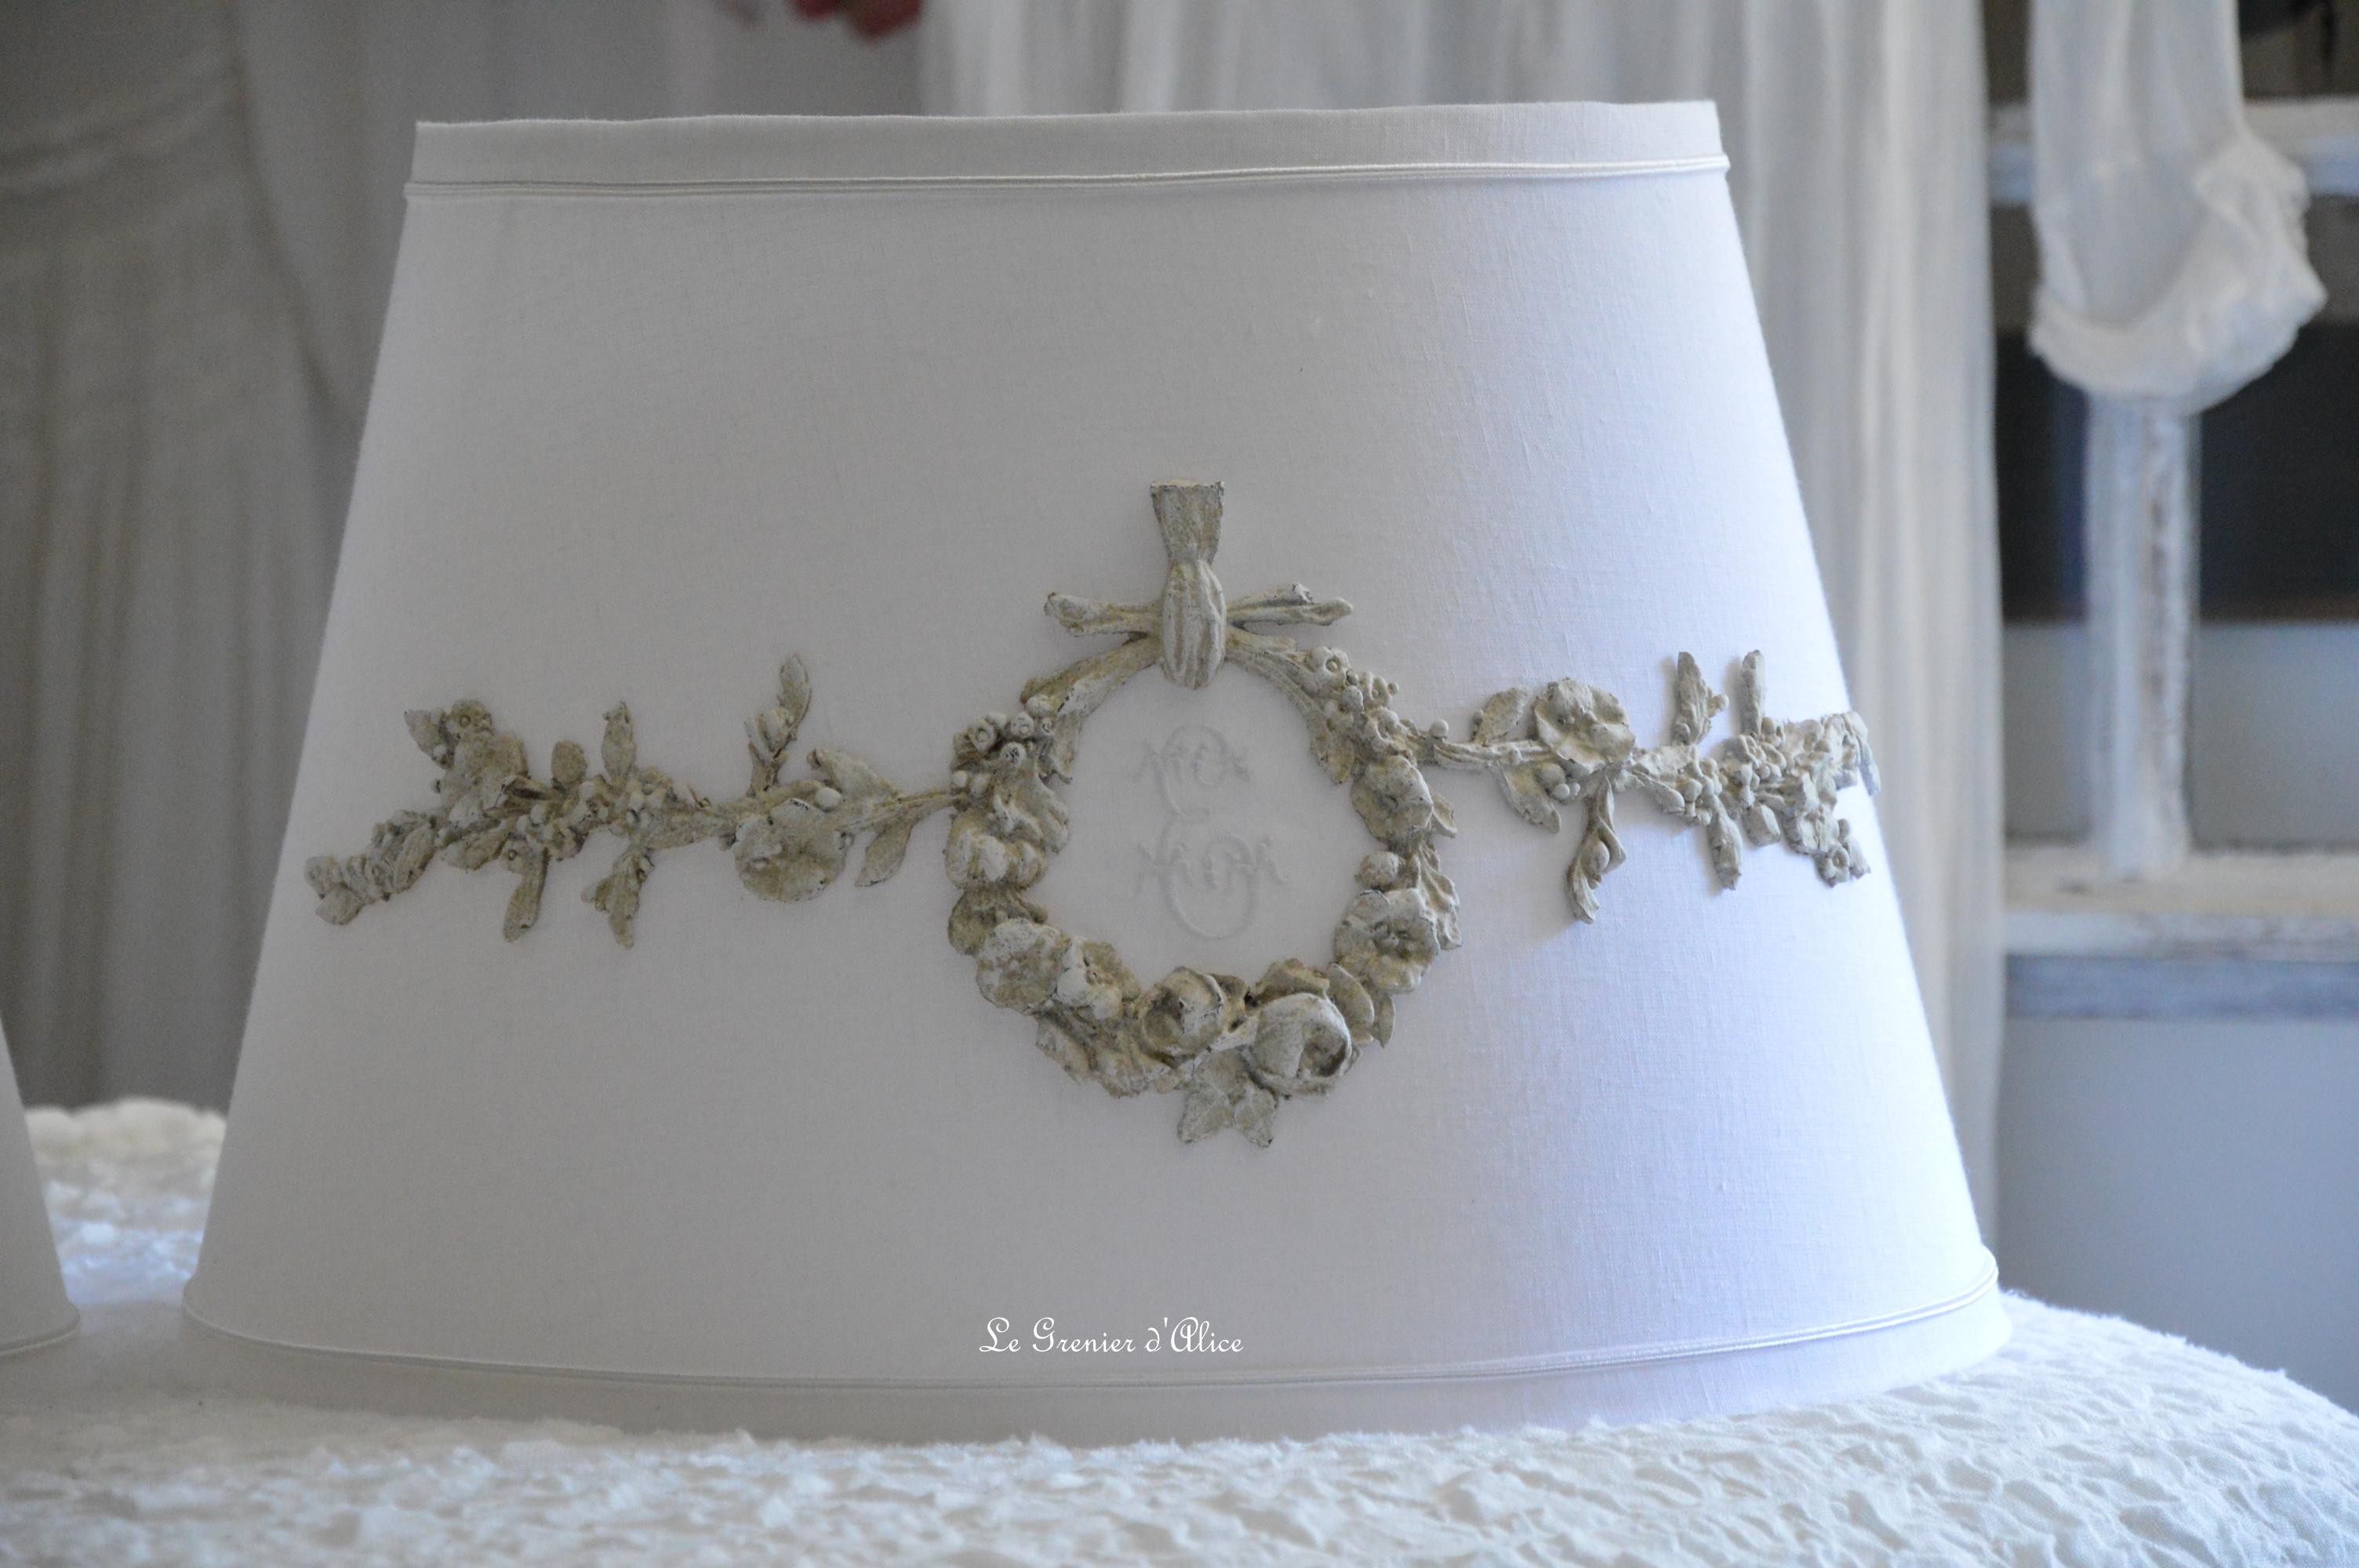 Abat jour forme carcasse amerique conique chapeau chinois lin blanc abat jour shabby chic lampshade ornement patiné lin création